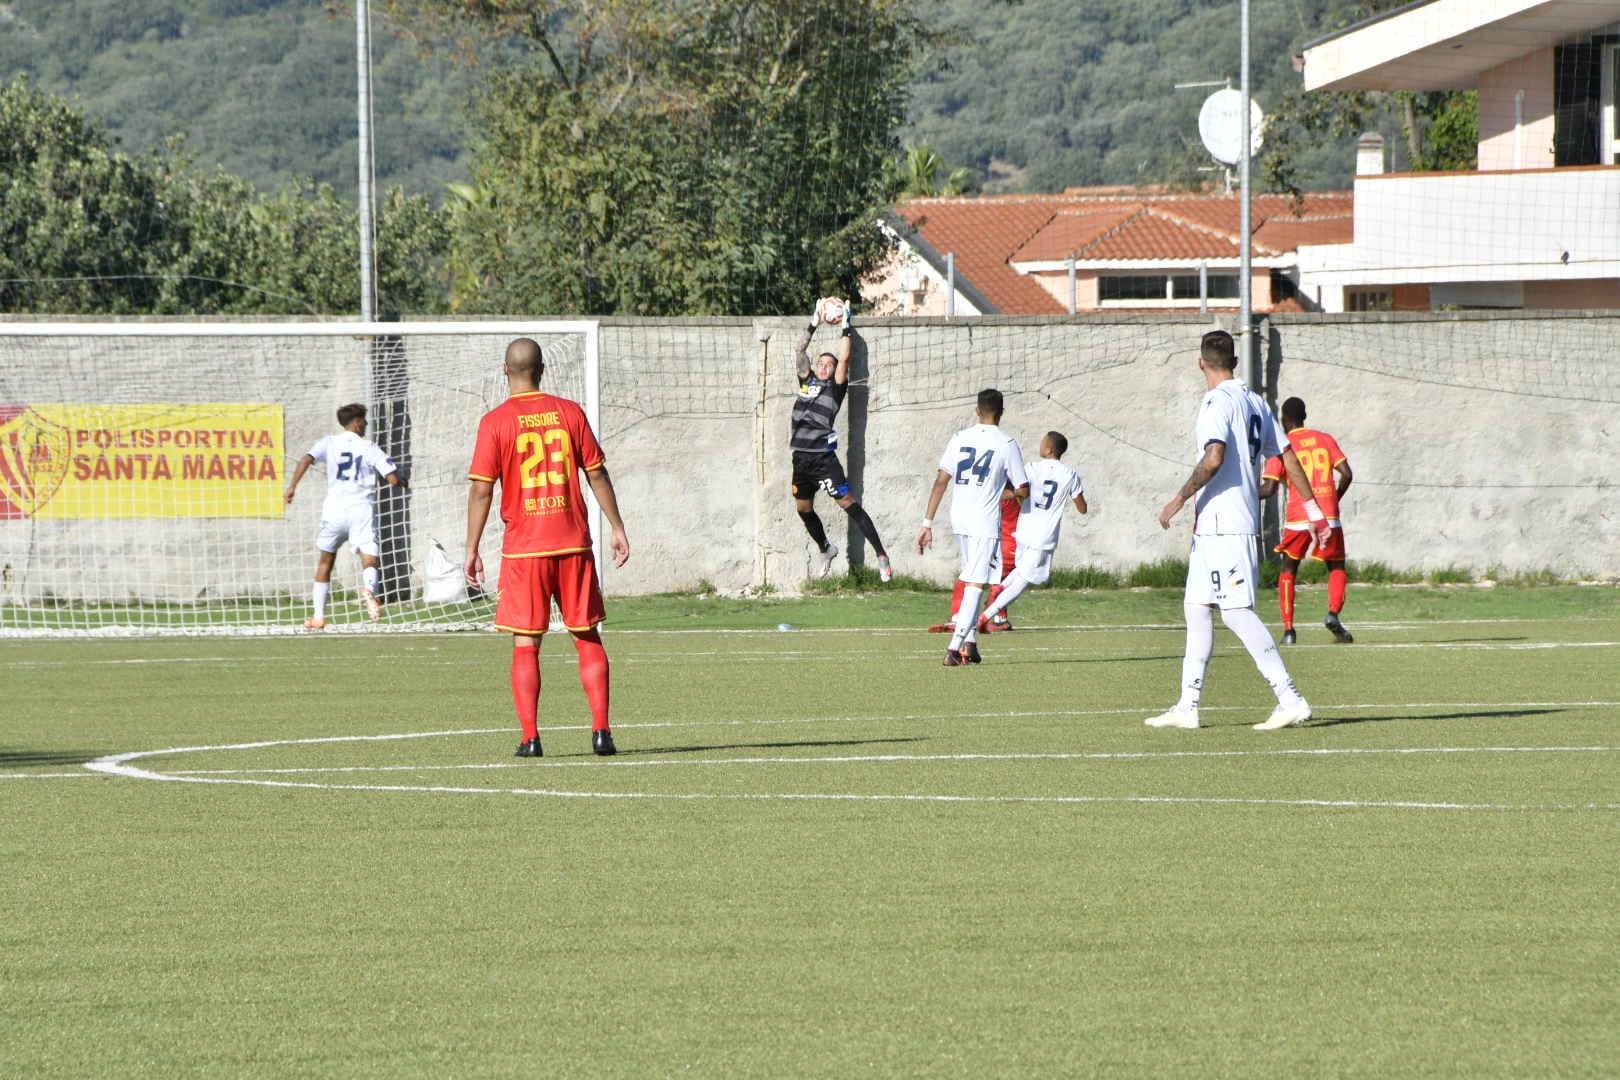 Polisportiva Santa Maria 0-0 FC Messina, la sintesi